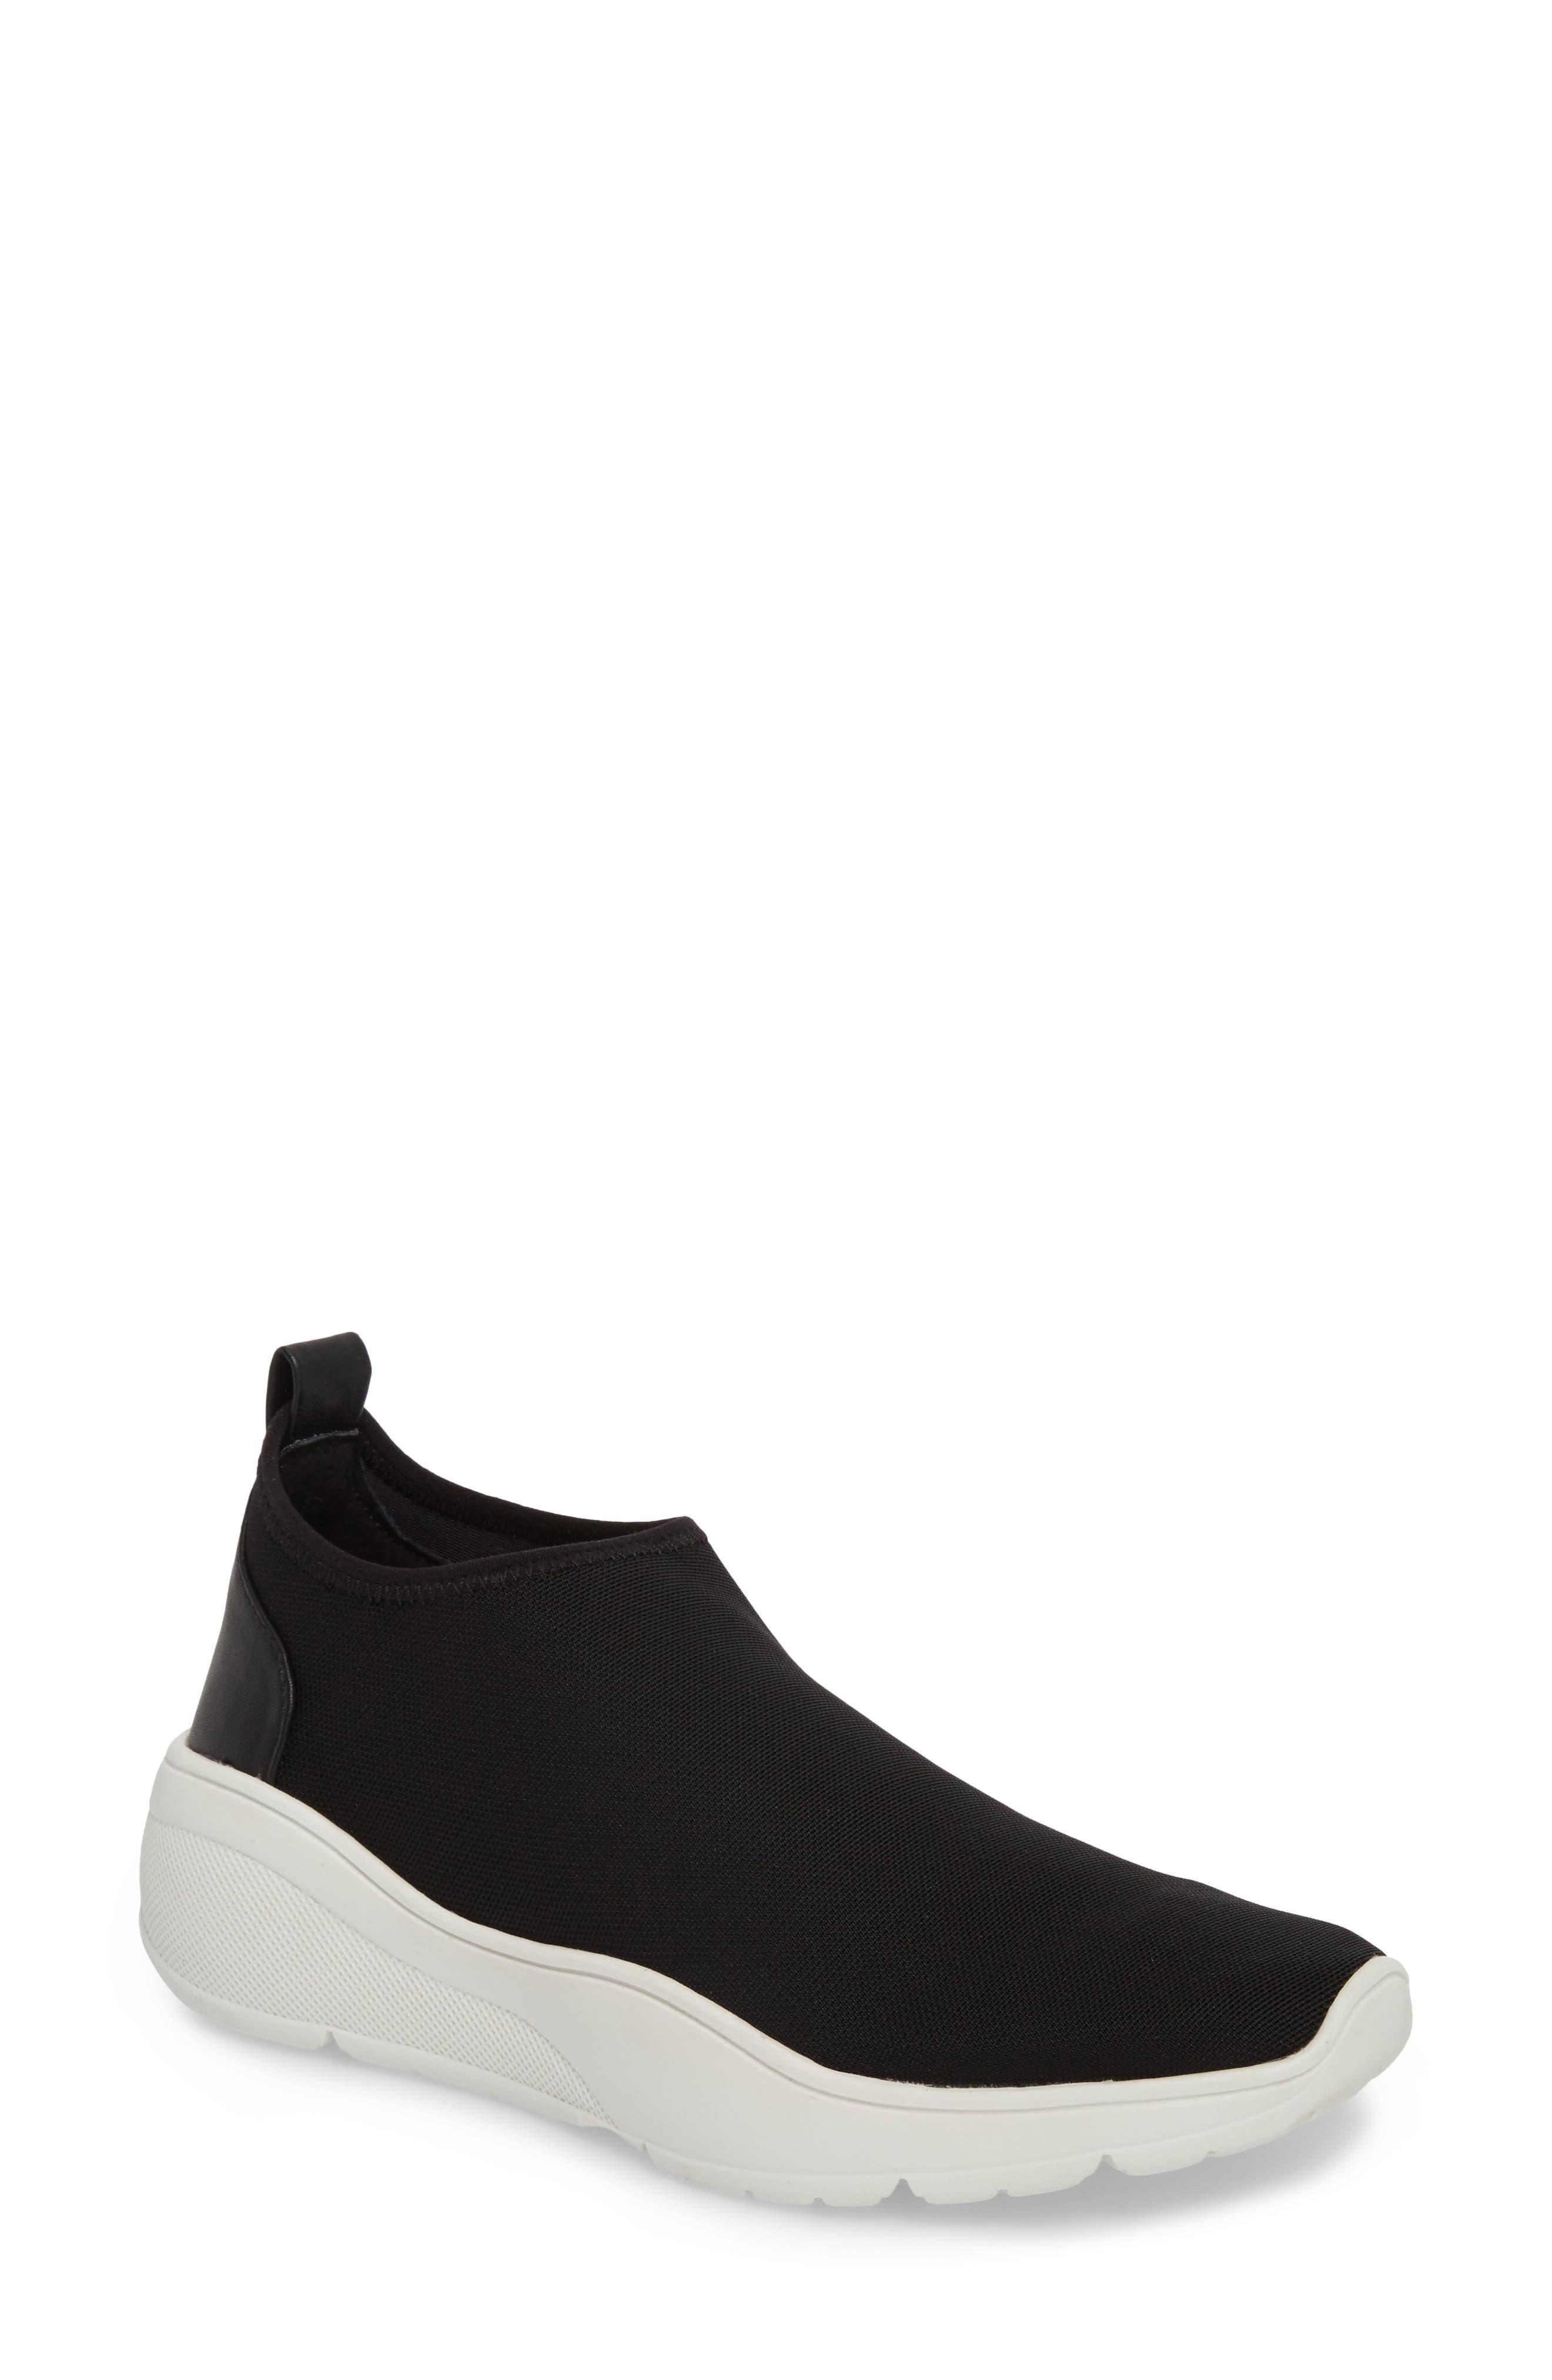 Floren Slip-On Sneaker,                             Main thumbnail 1, color,                             001